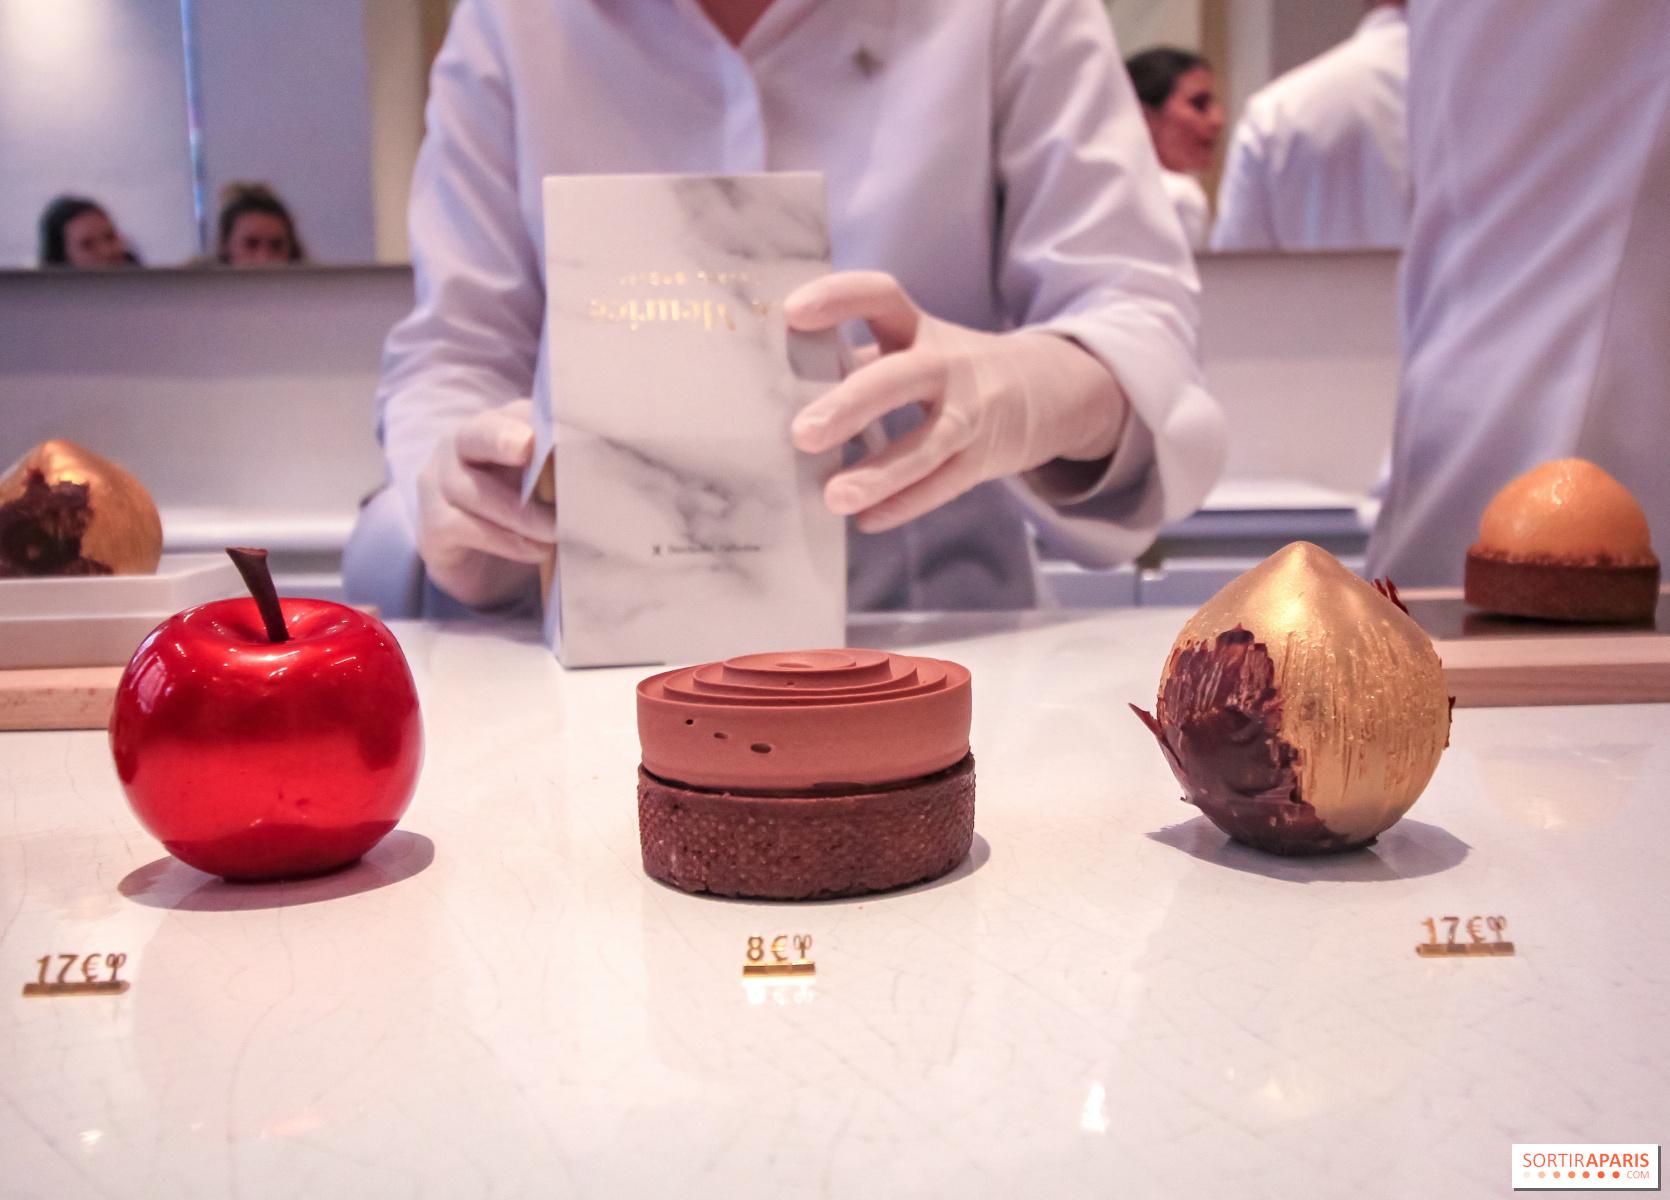 Ouverture de la pâtisserie de Cédric Grolet, chef pâtissier